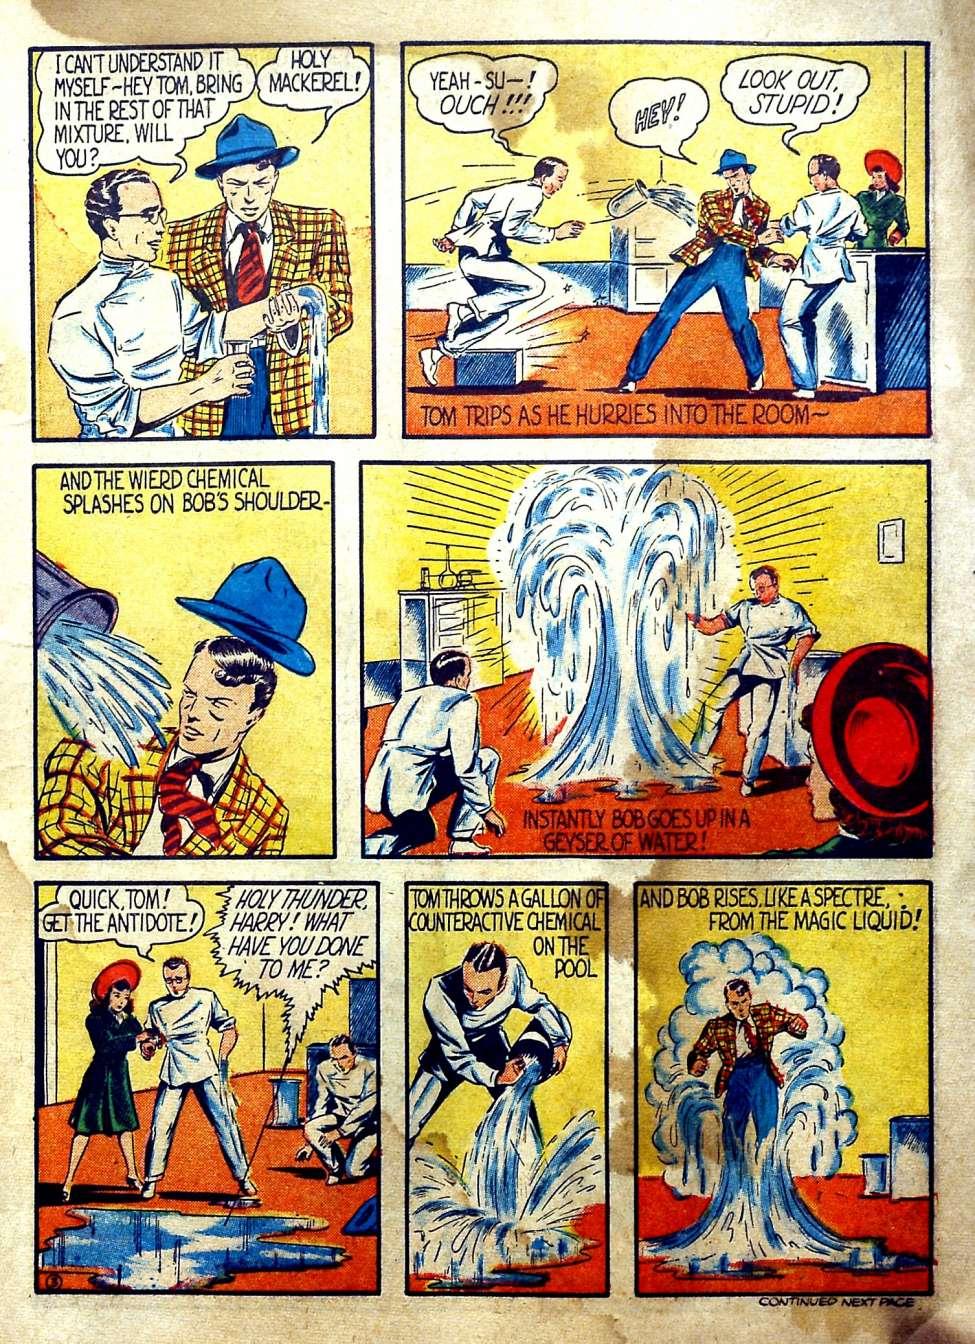 Comic Book Cover For Reg'lar Fellers Heroic Comics #1